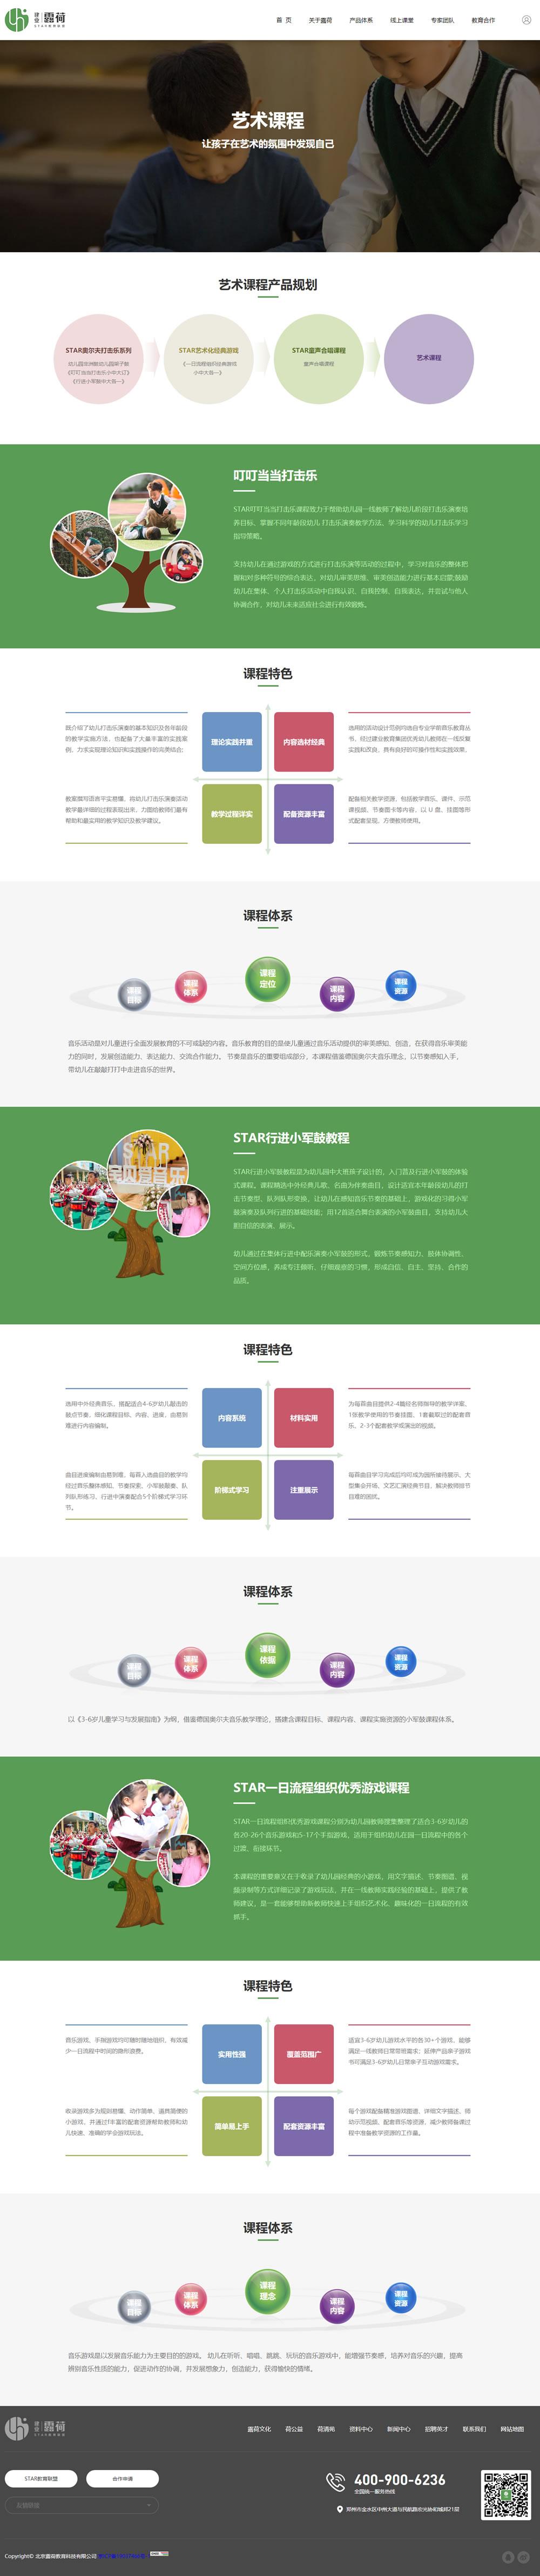 艺术课程_建业露荷教育_露荷教育官网.jpg